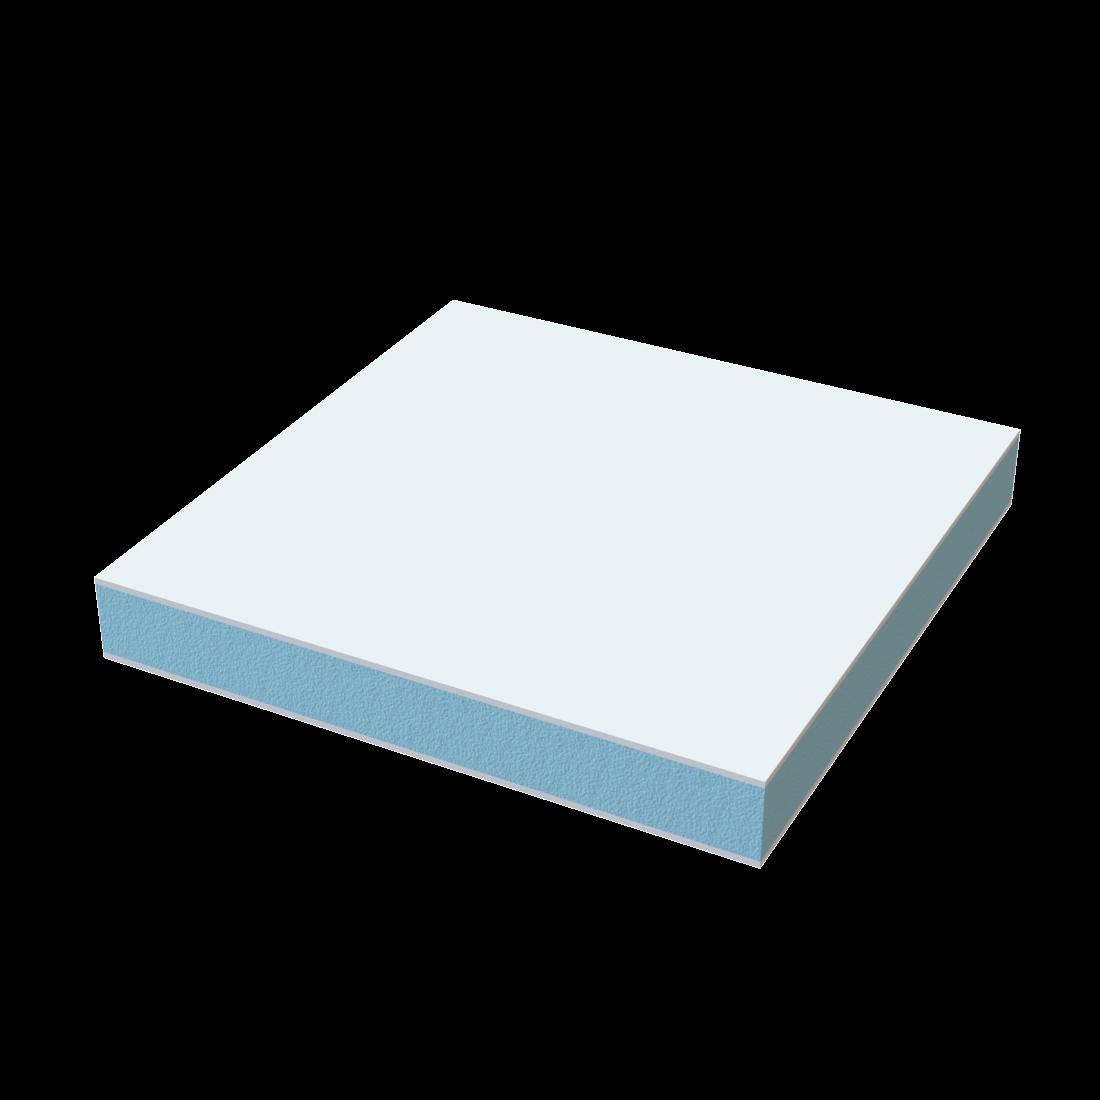 Vikuplex wall PET+GFR Plaat TK RG80 Gel coated Wit ca. RAL9016 4500x2200x25mm 695163